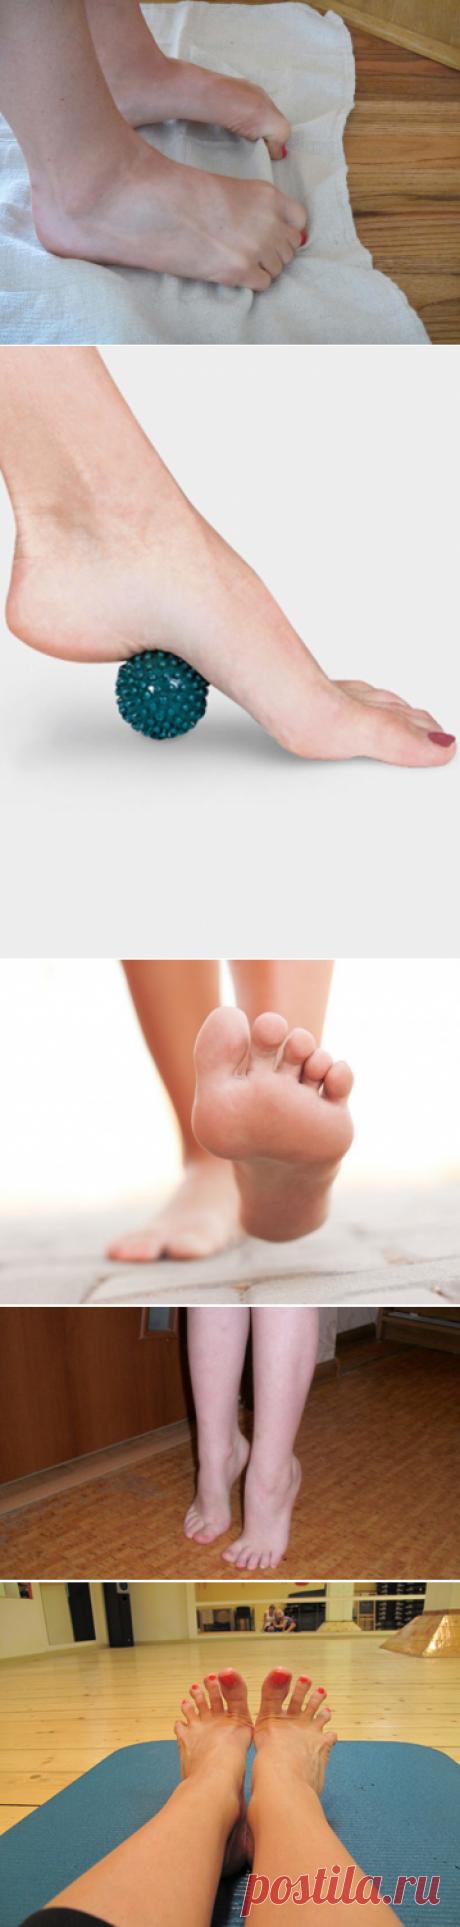 Упражнение для стоп ног. Комплексы для лечения деформированных стоп. Лечение плоскостопия методом кинезитерапии